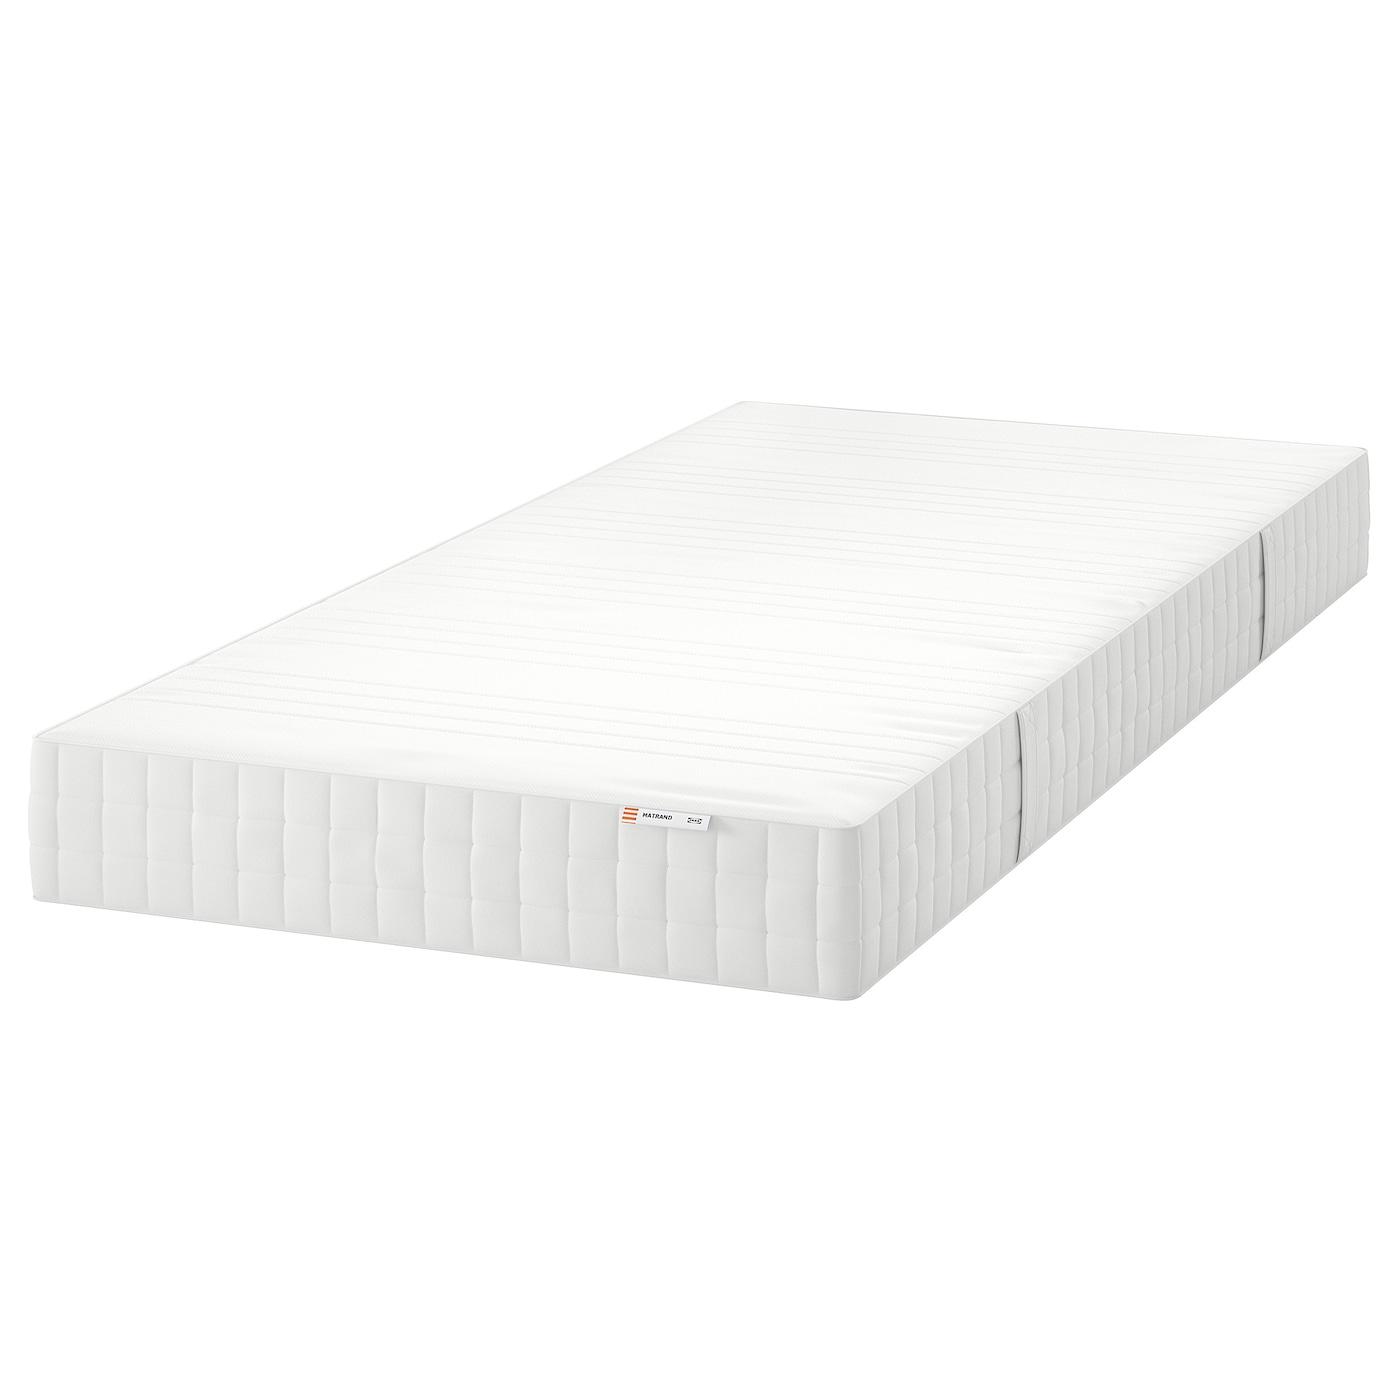 Merveilleux MATRAND   Memory Foam Mattress, Firm, White